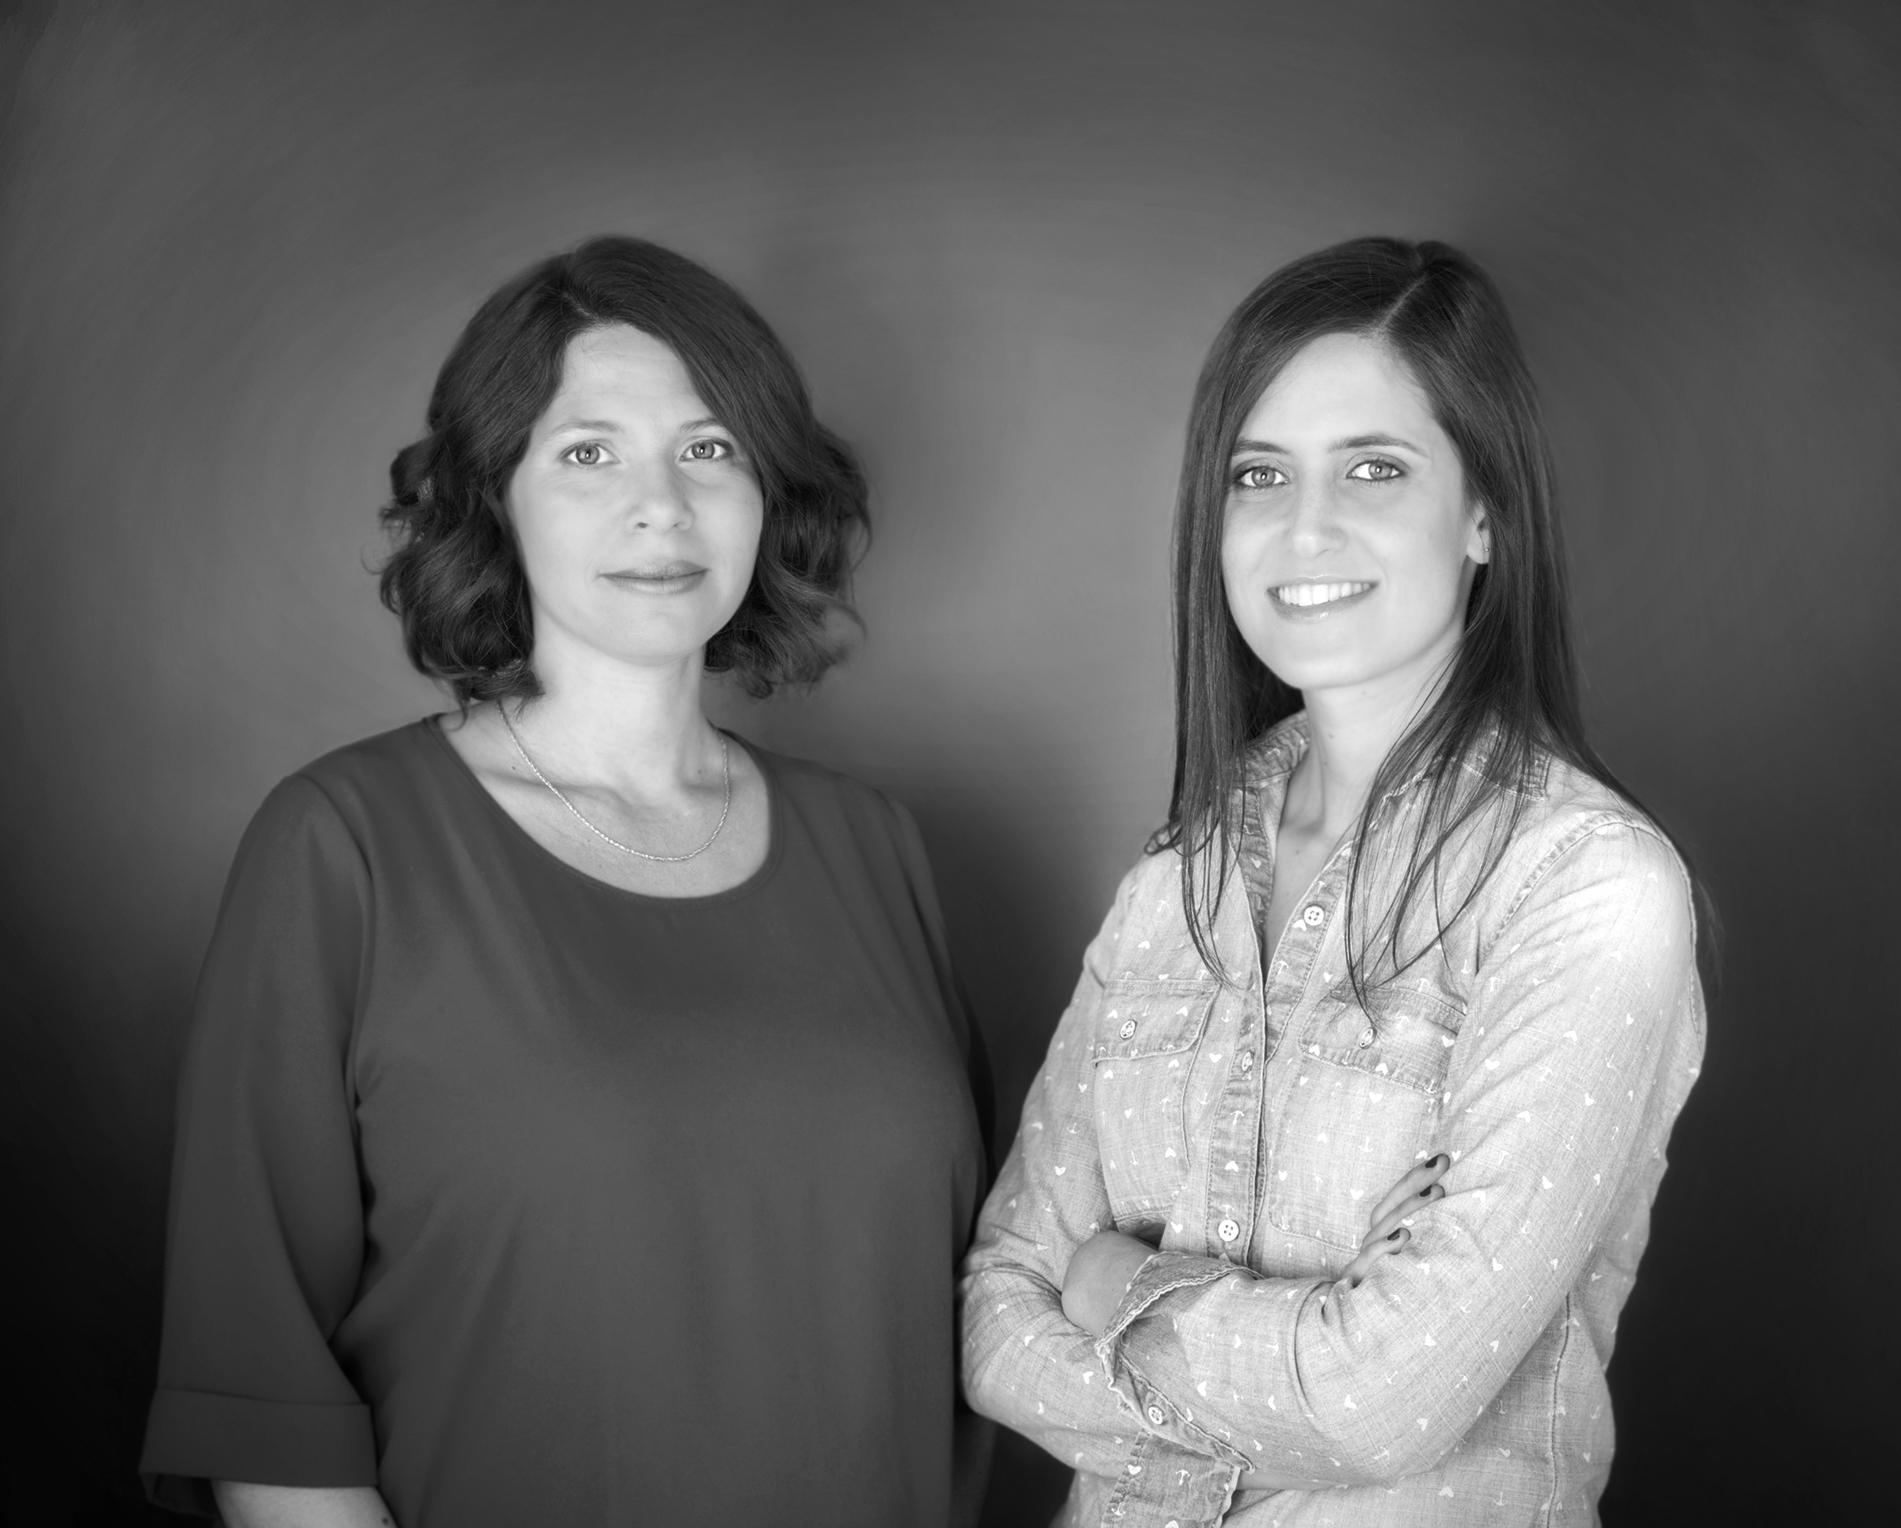 07_Aya Margulis and Rae Stern of Doda Design by Einat Arif Galanti 7848-1-01 BWF.jpg